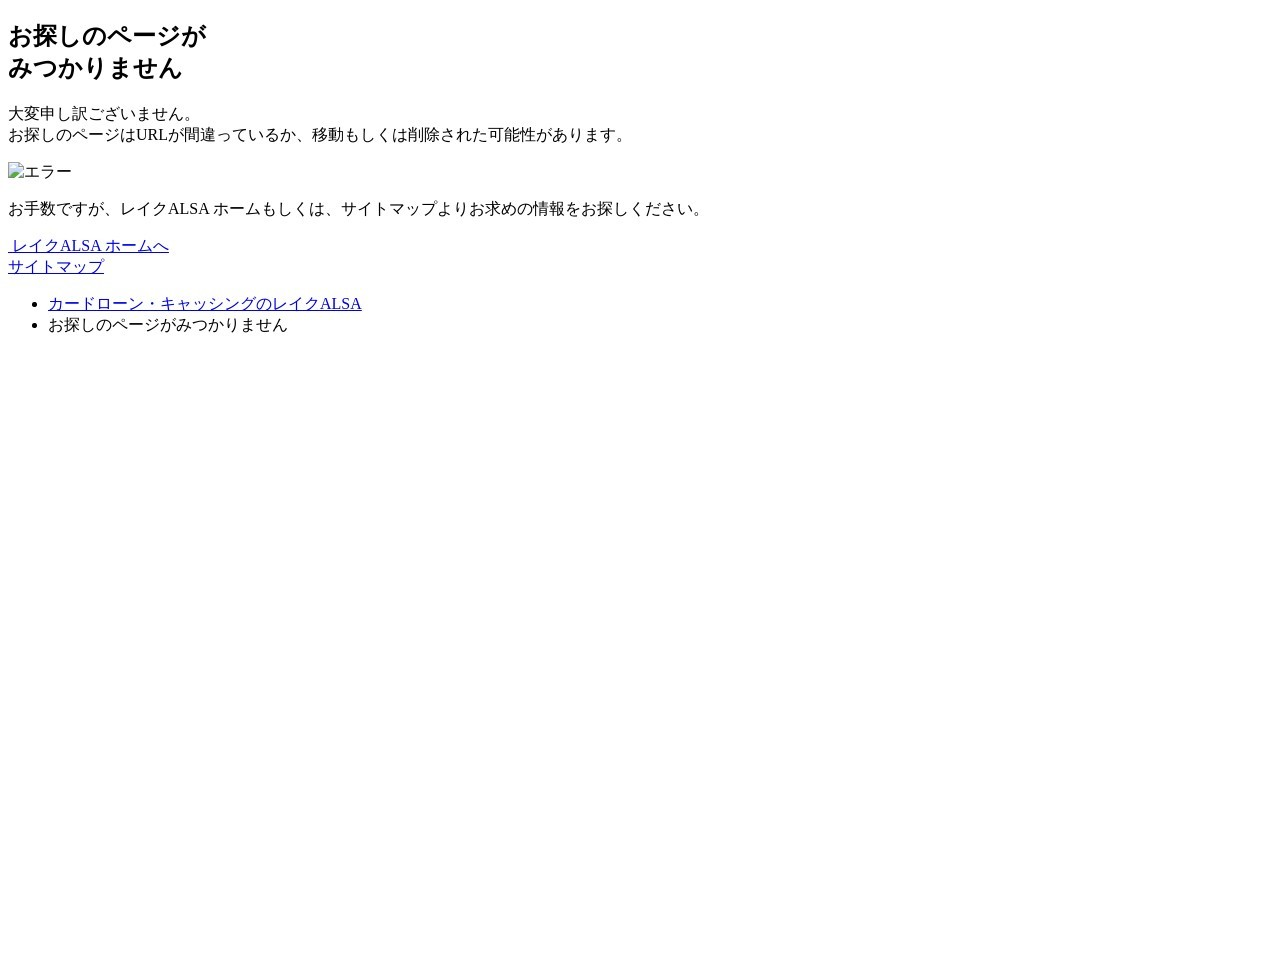 レイクALSA 13号蔵王西成沢自動契約コーナー山形県 レイクALSA